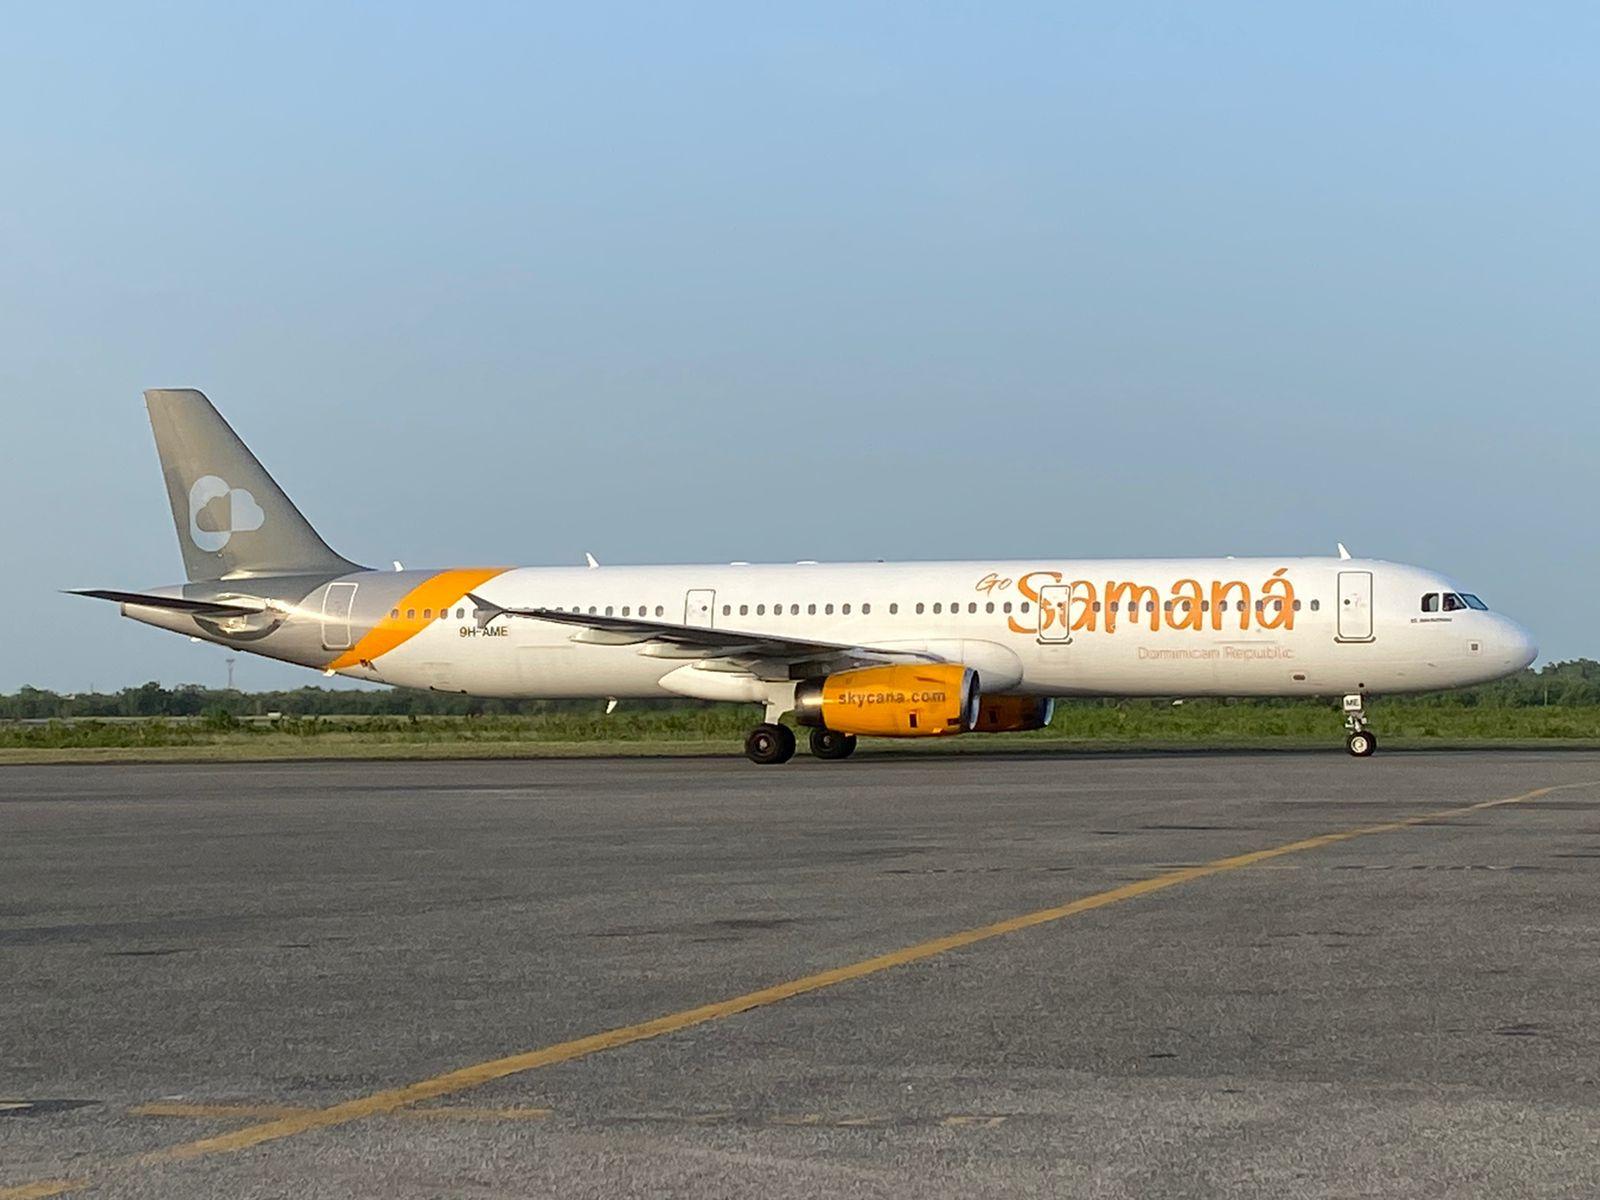 Sky Cana - Air Century se alistan con nuevas aeronaves para conectar Nueva York con Santiago y Santo Domingo